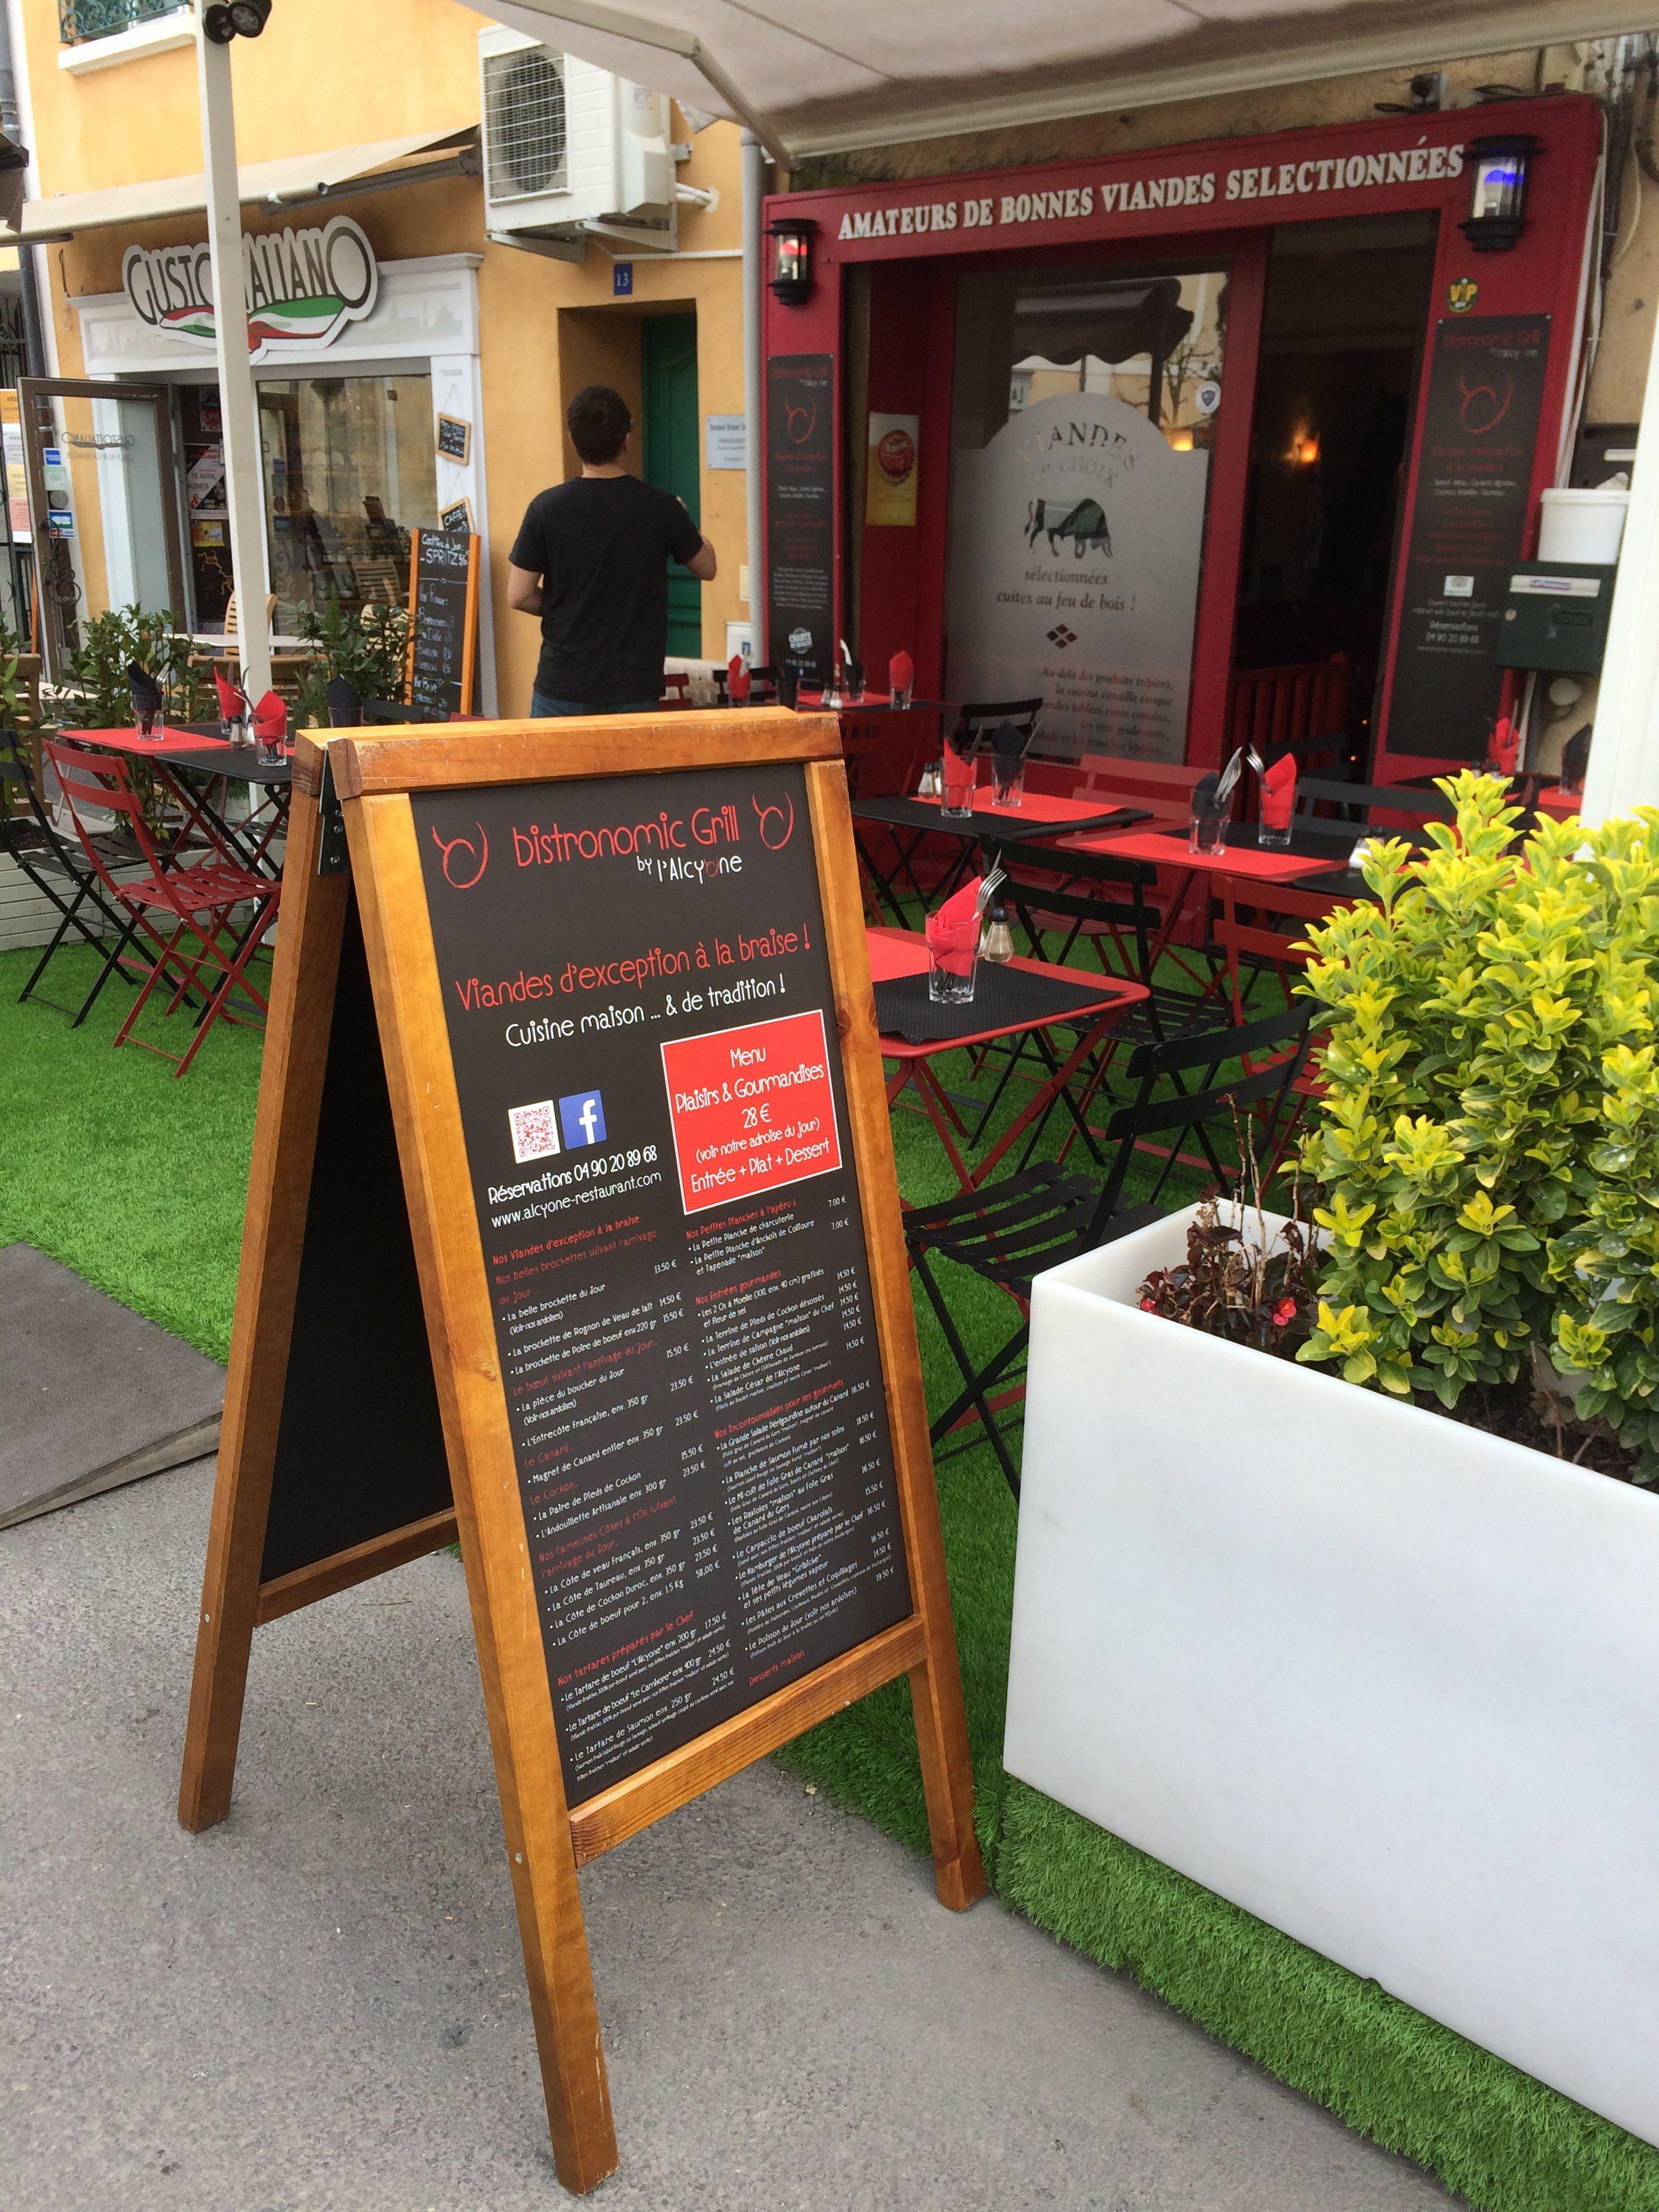 webbycom propose des stop-trottoirs personnalisés pour les professionnels de la restauration : bar, restaurant, camping, brasserie, glacier